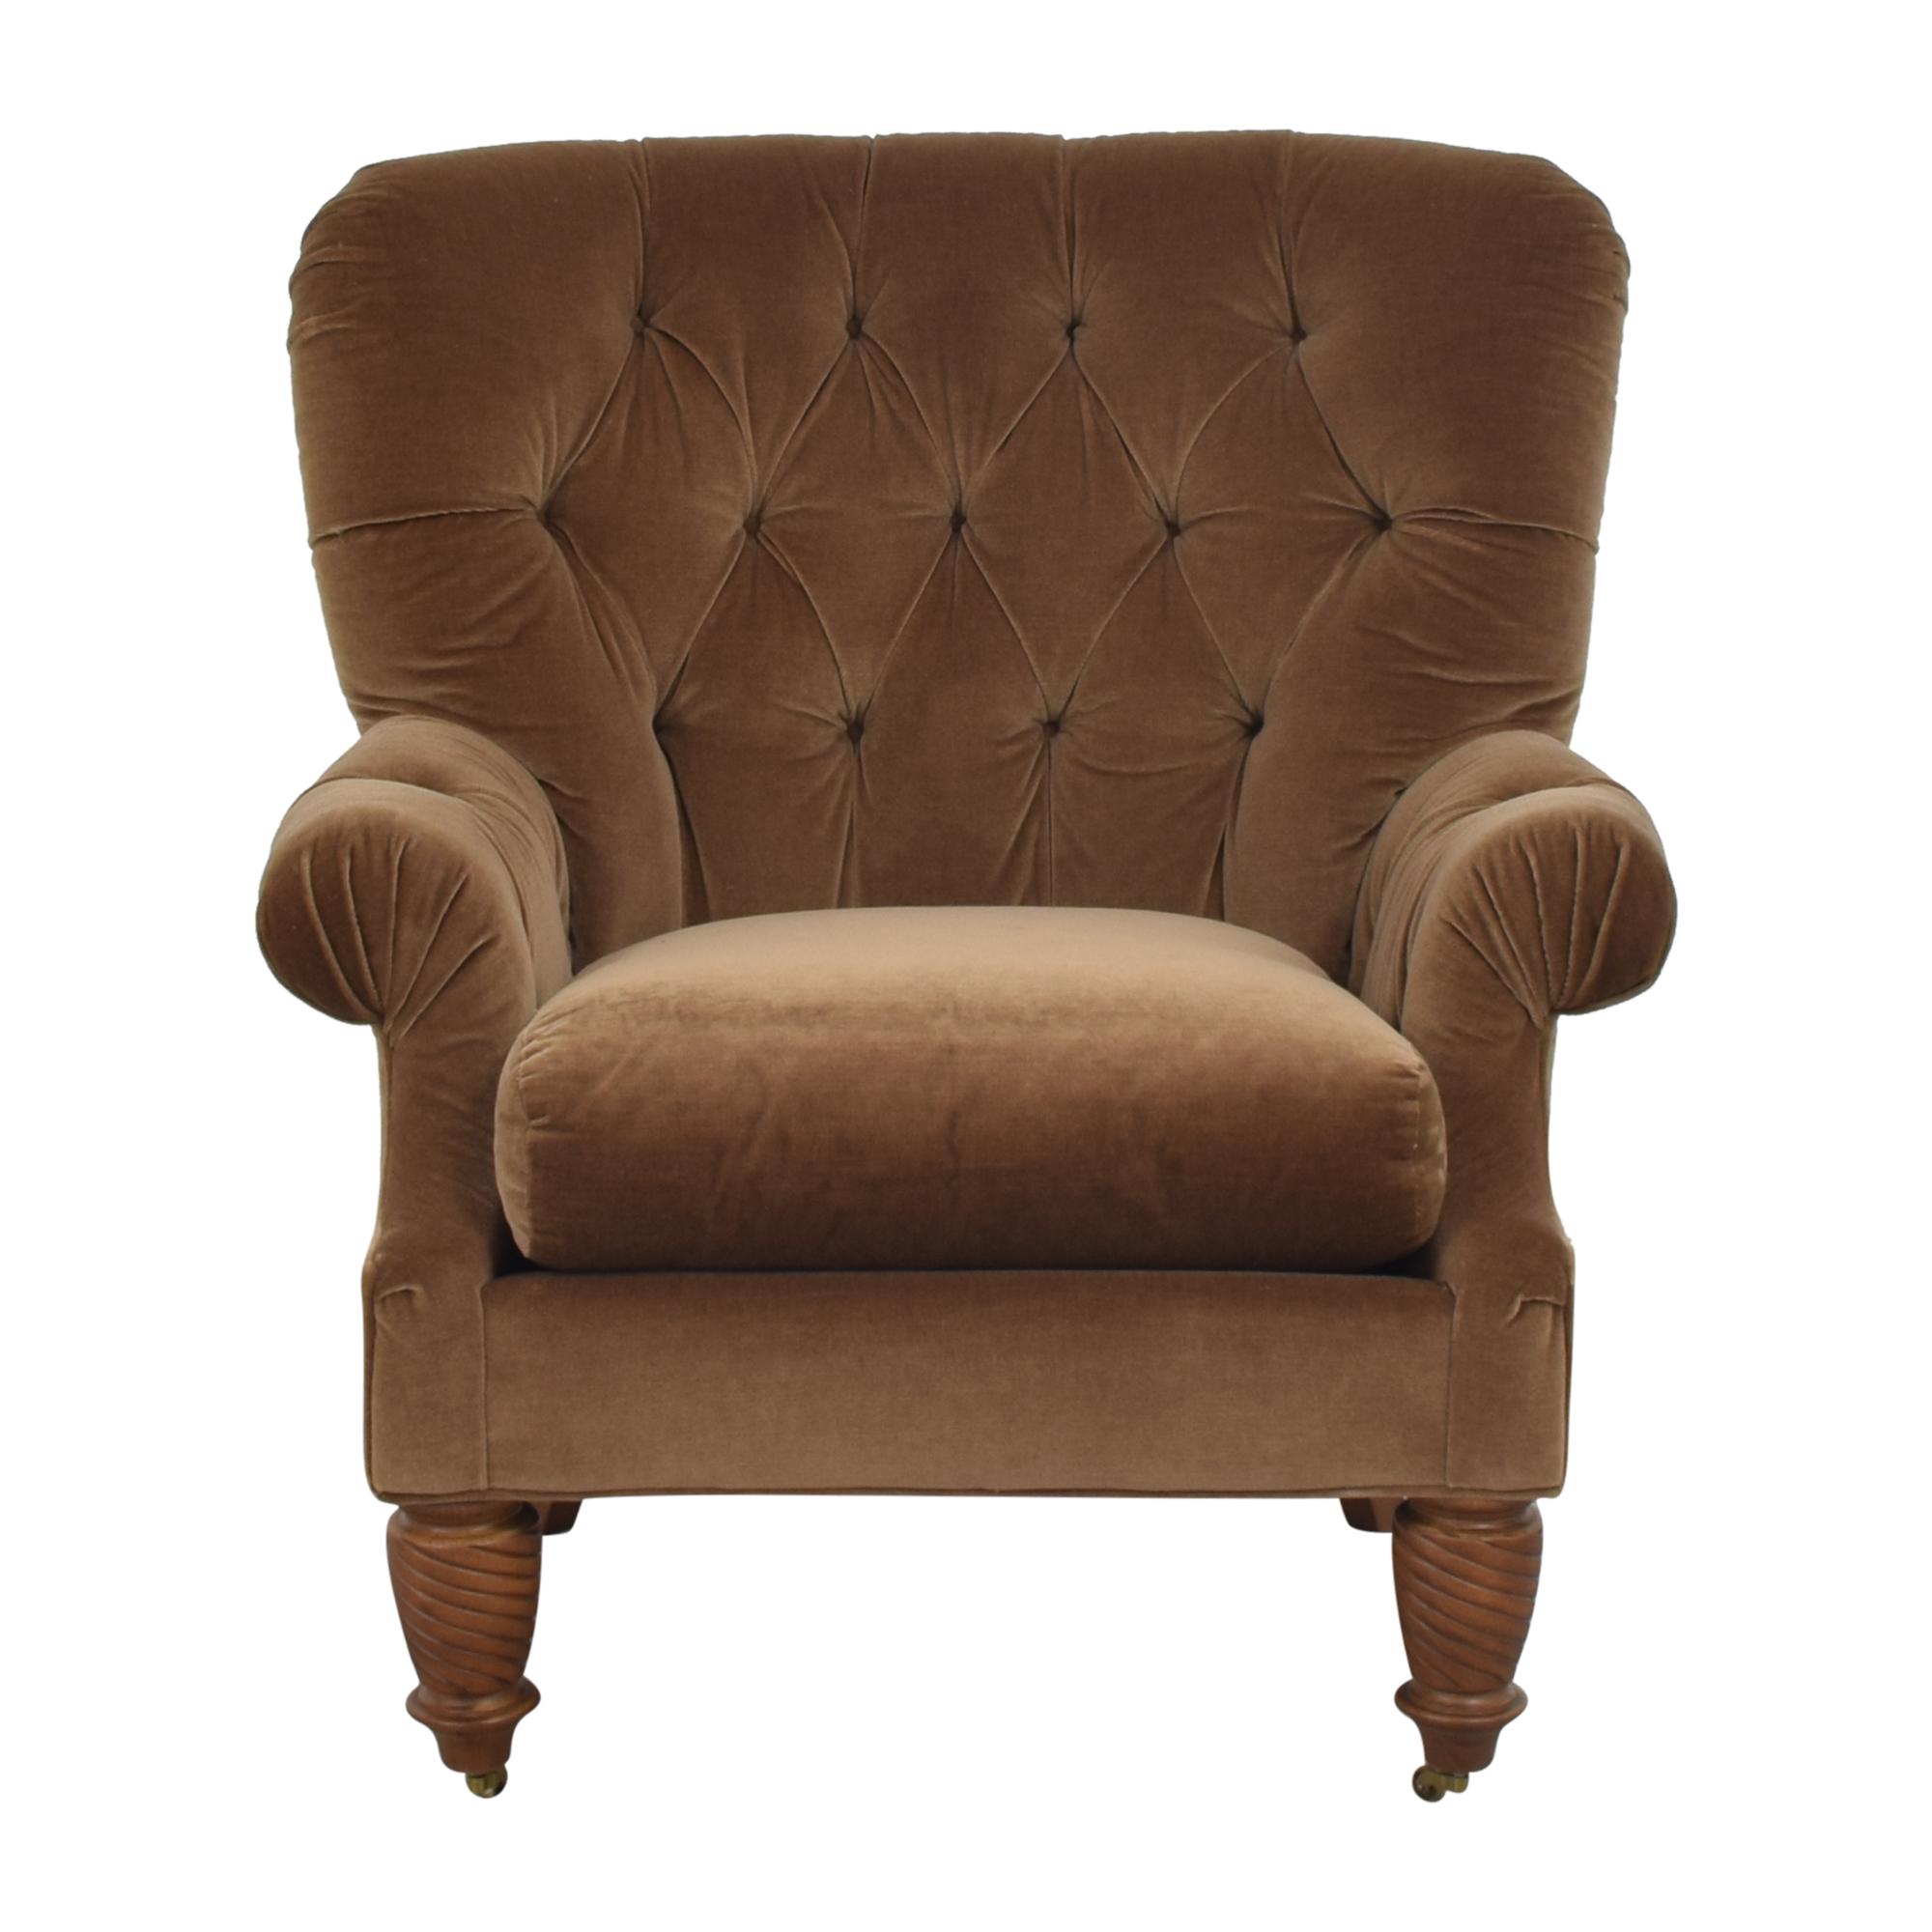 Kravet Kravet Tufted Accent Chair pa